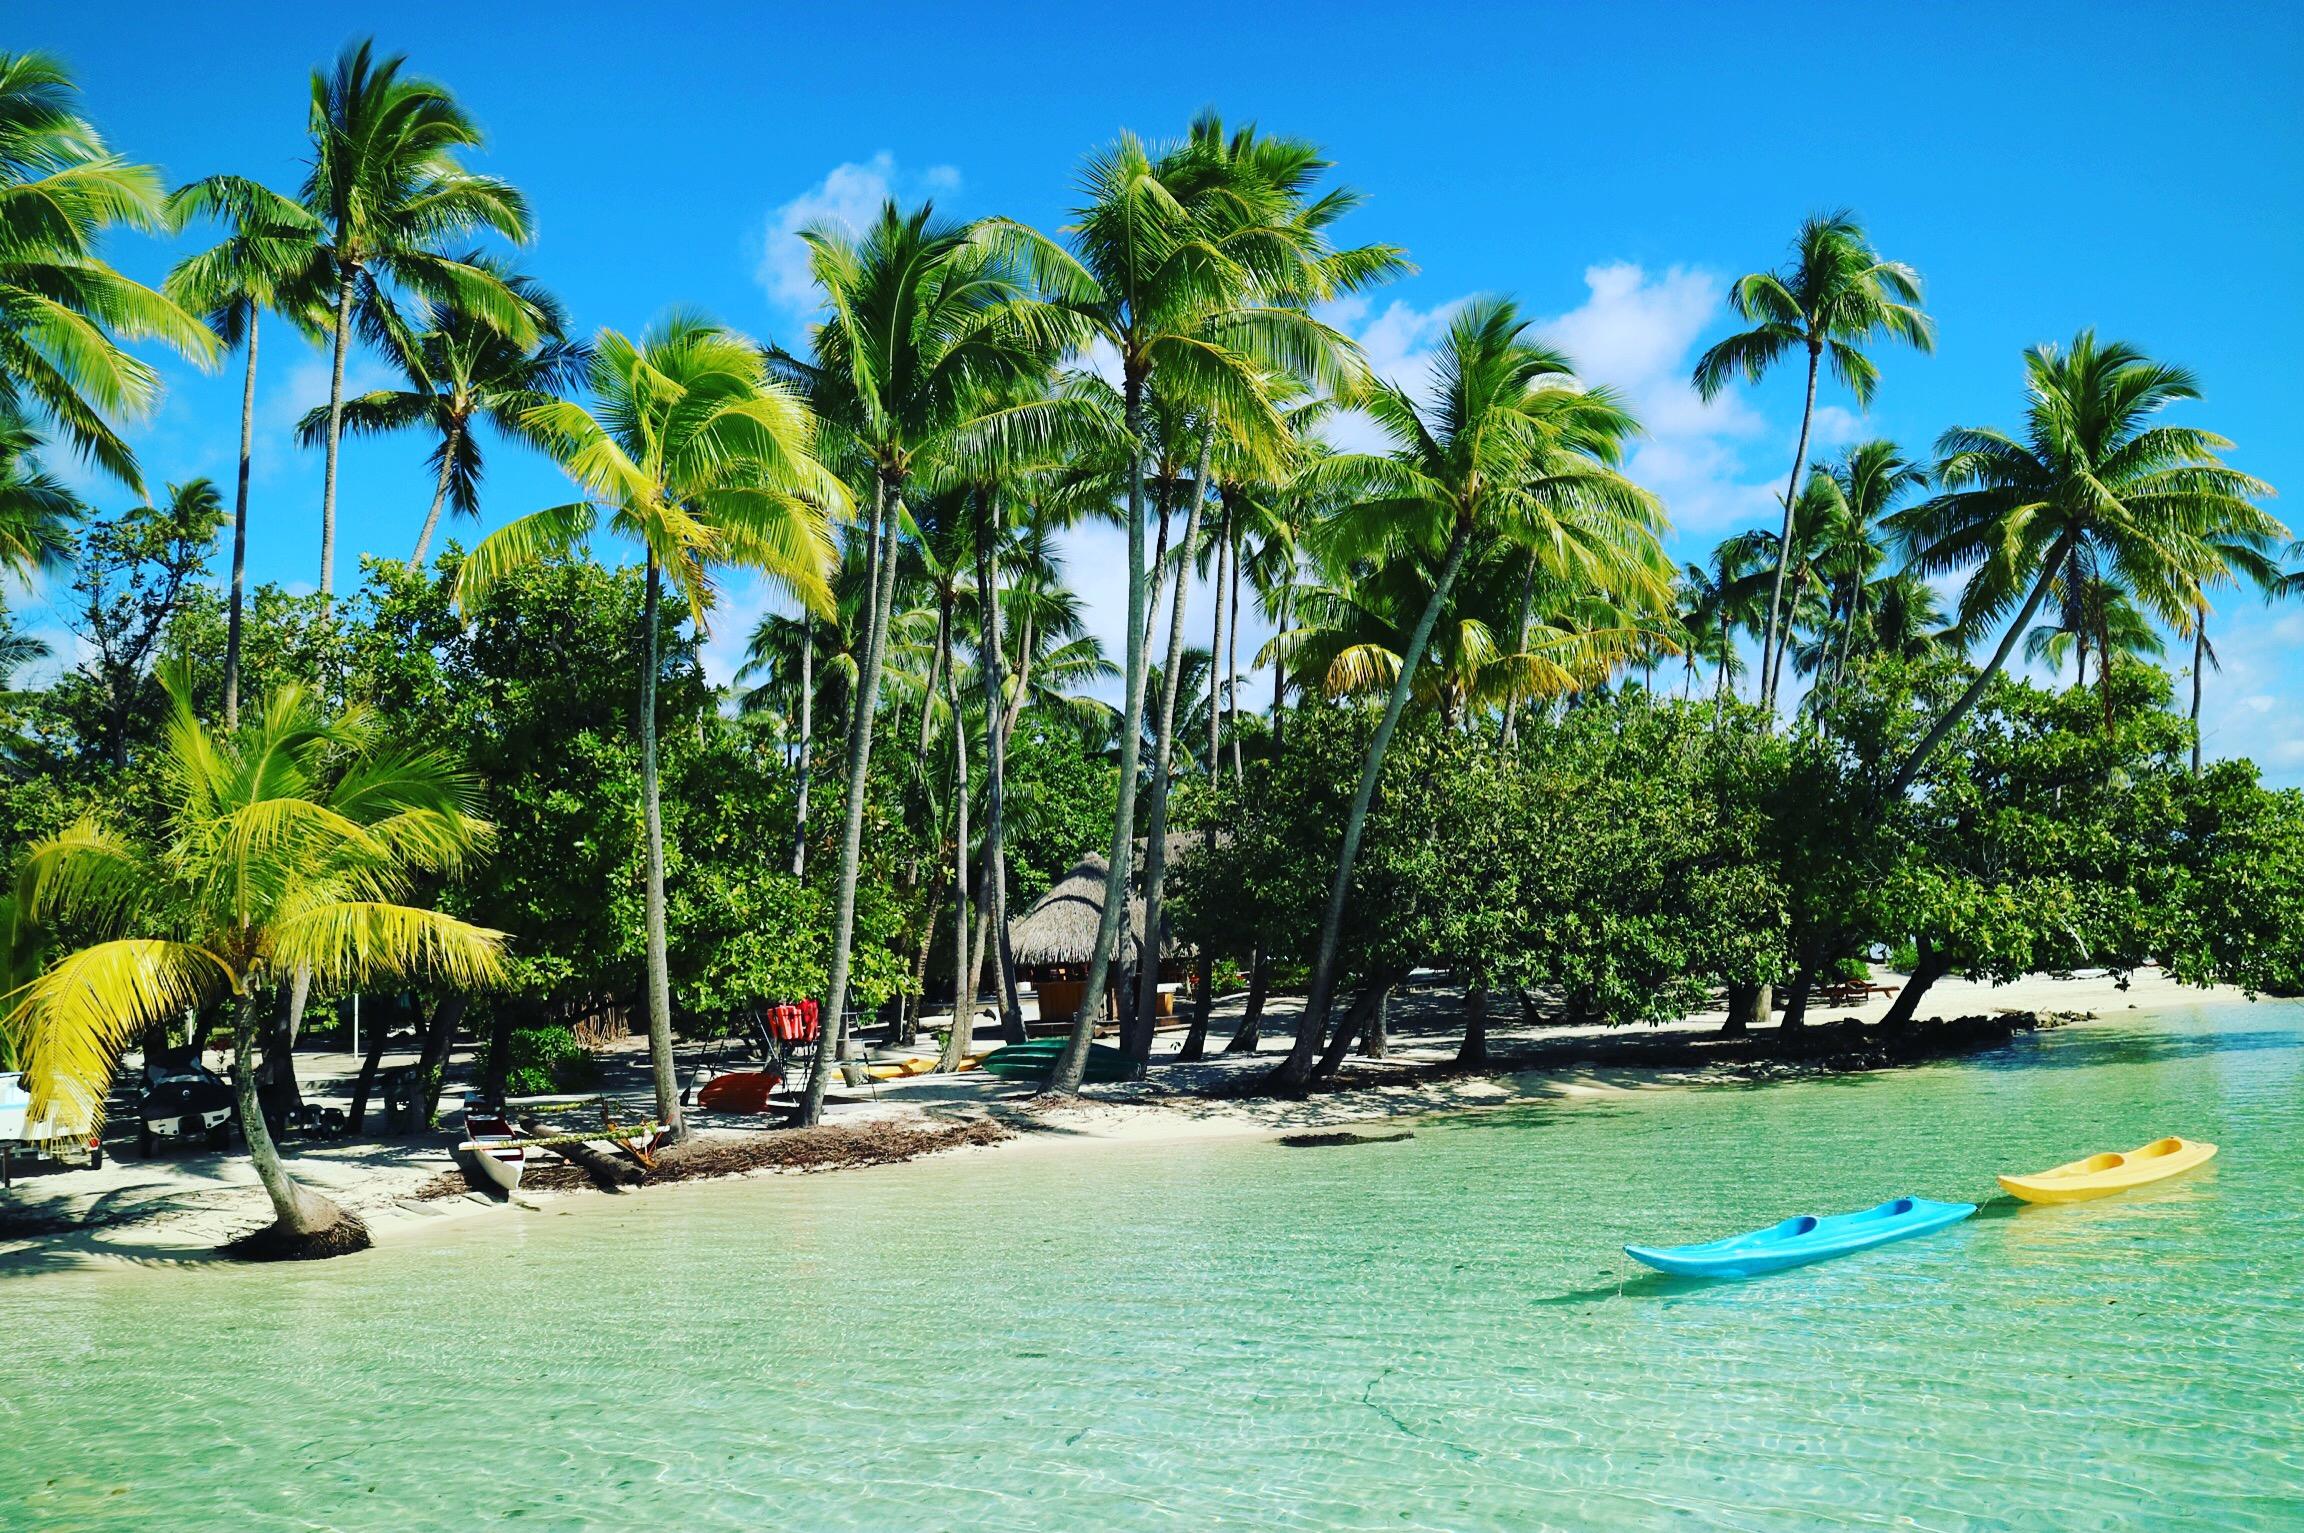 タヒチ旅行記|タハア島ラ・タハアアイランド・リゾートスパ【口コミ評判】